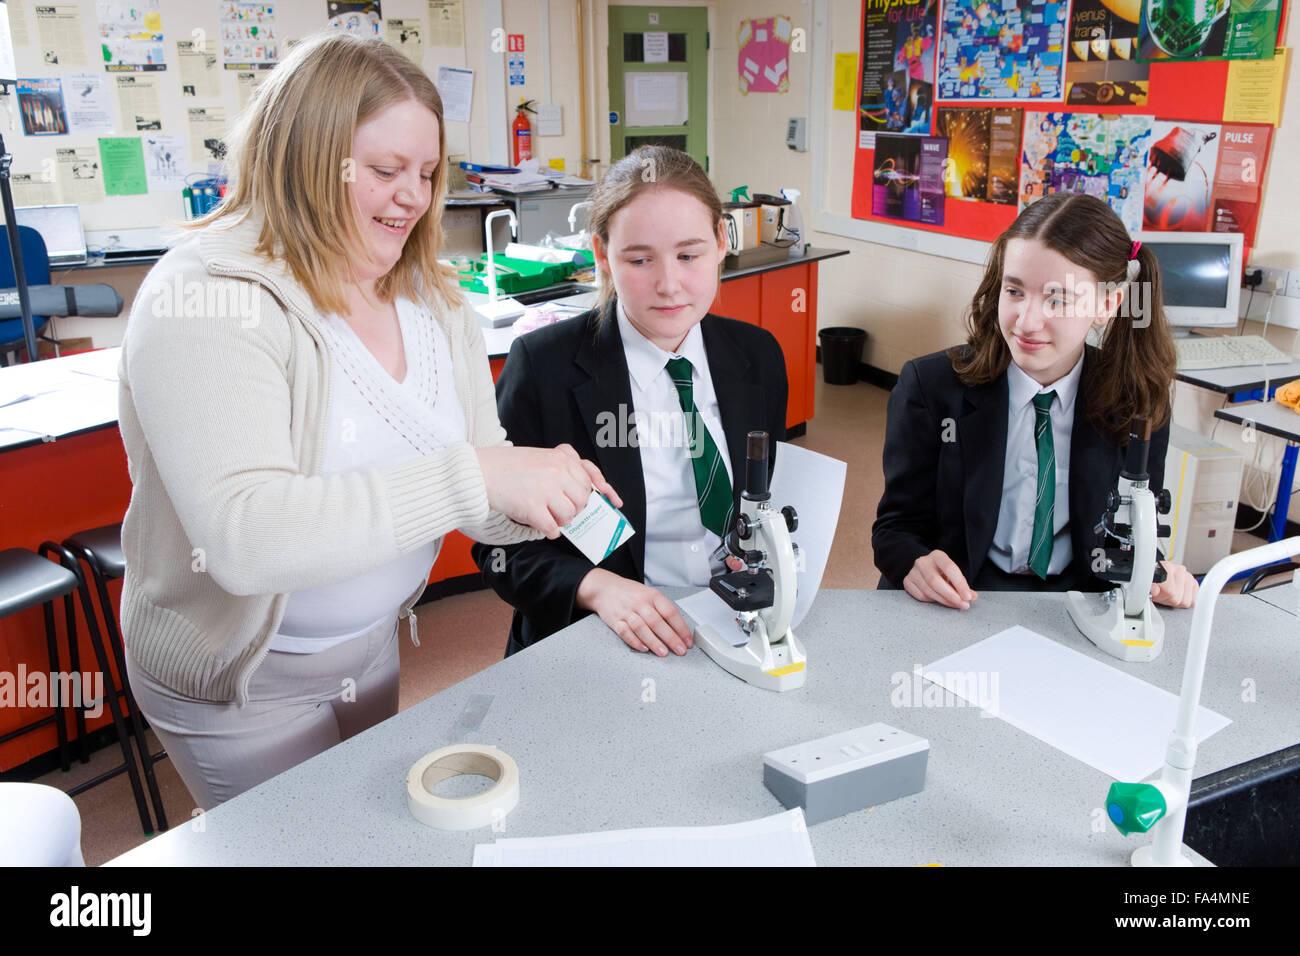 Profesor preparar diapositivas con estudiantes en una clase de ciencias, Imagen De Stock